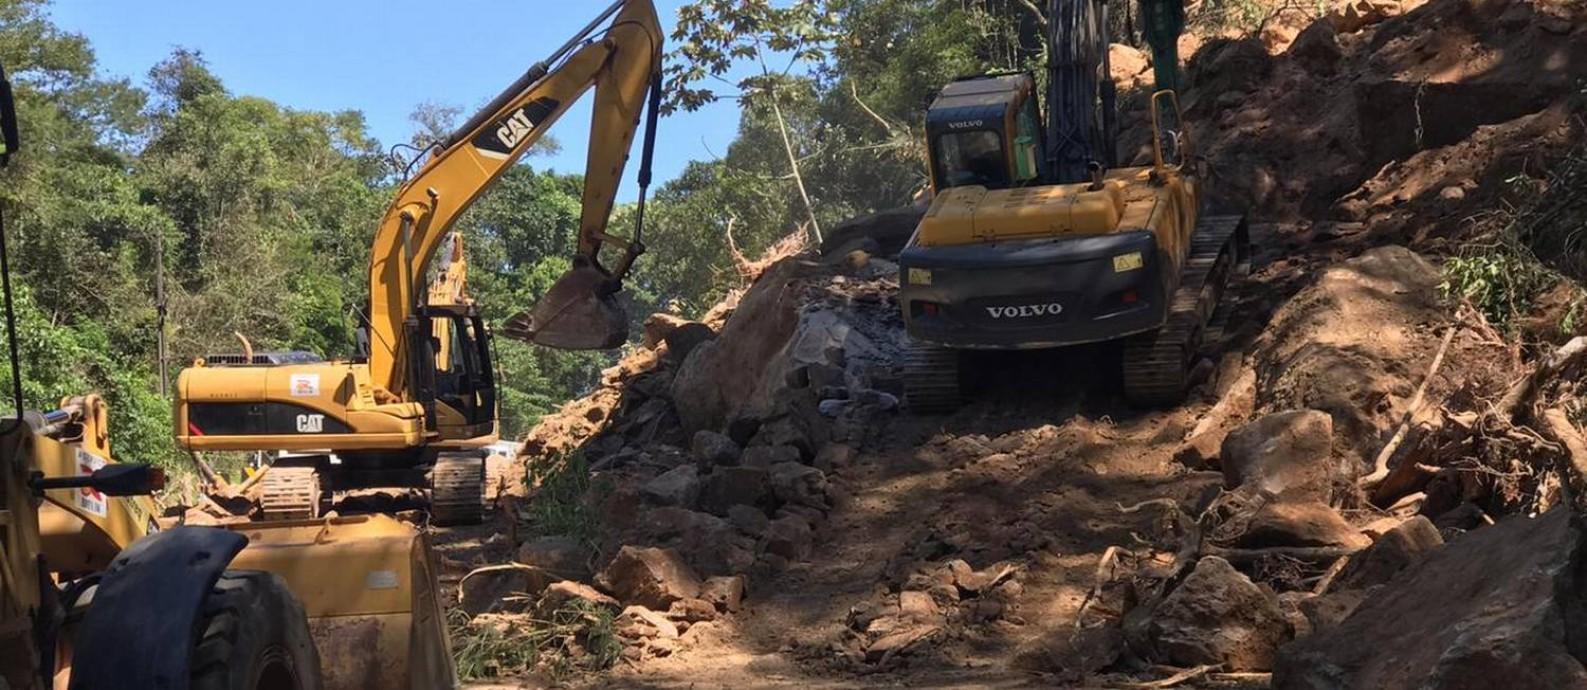 Máquinas e operários trabalham na retirada de parte da encosta que caiu fechada estrada Foto: Divulgação